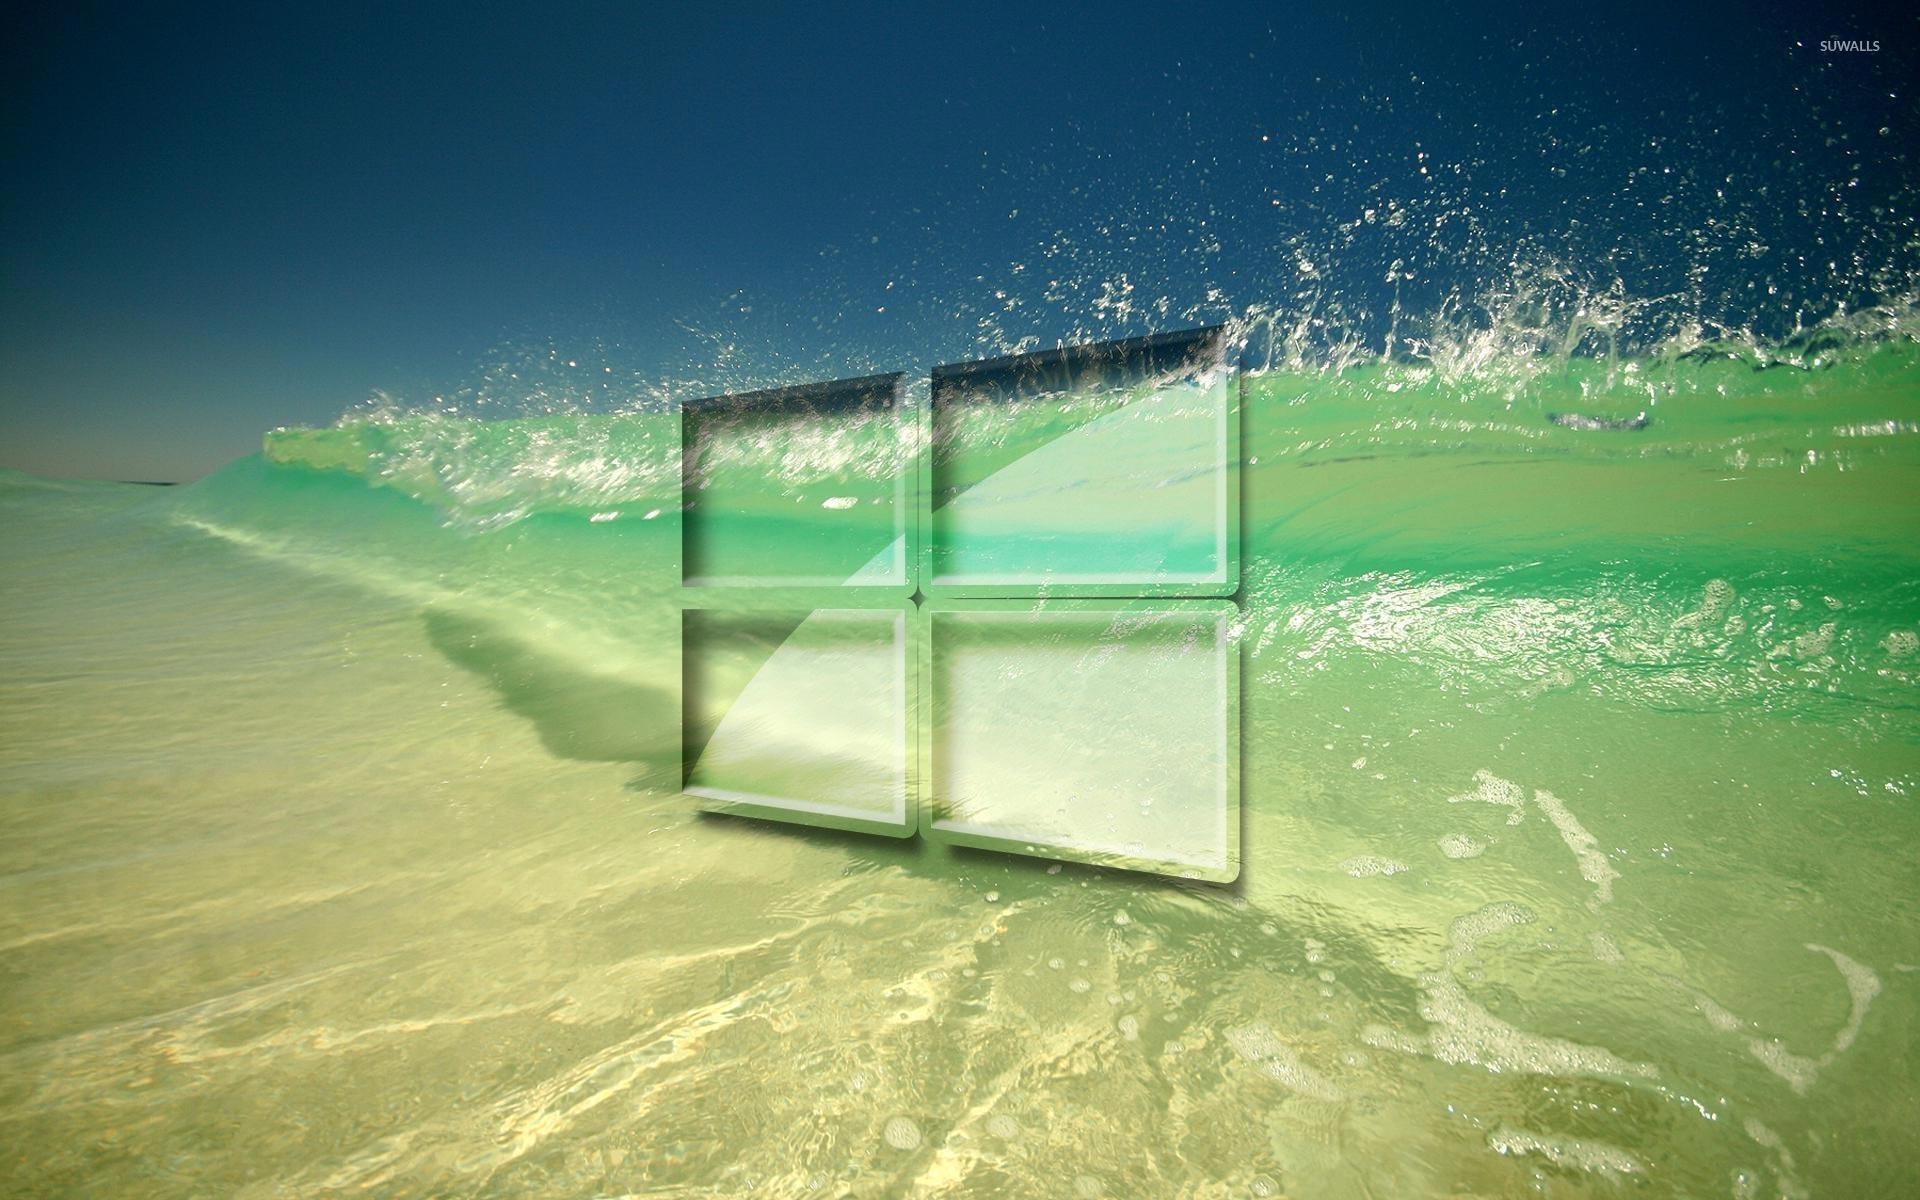 Обои На Экран Блокировки Windows 7